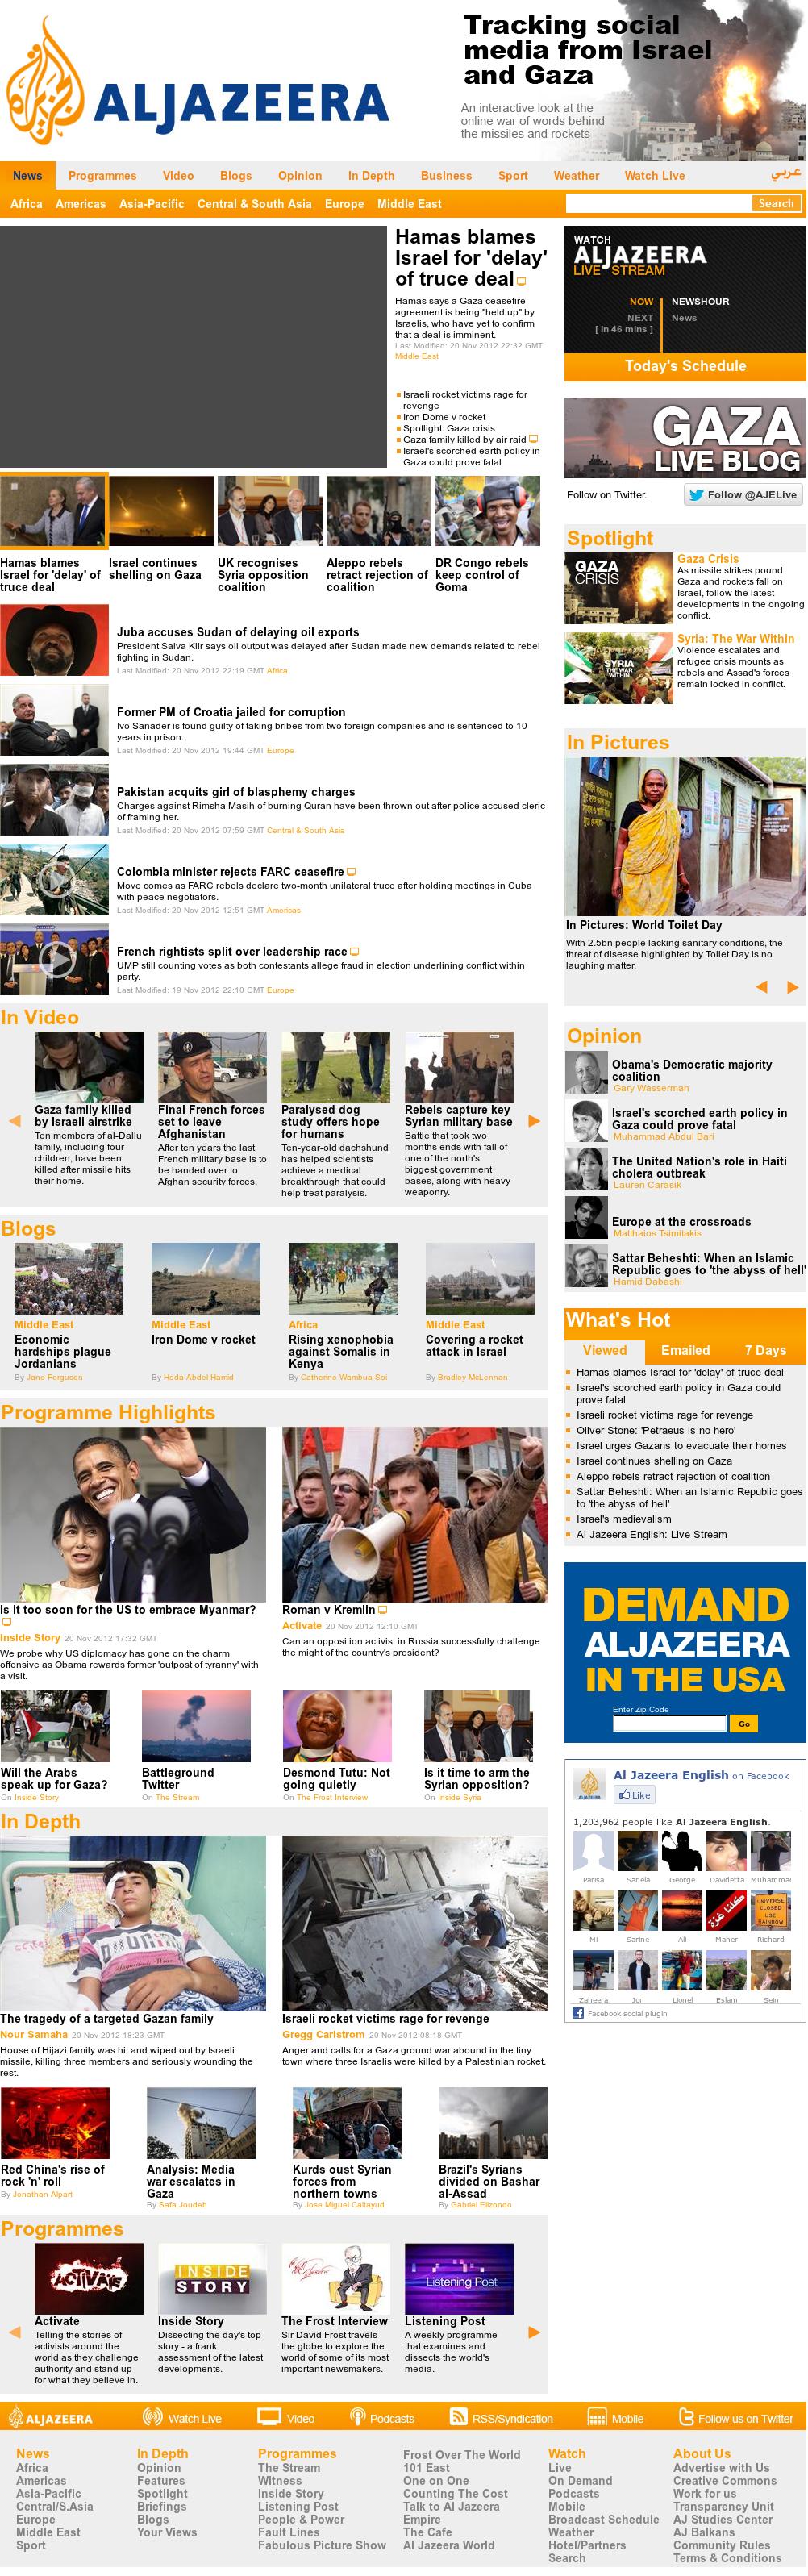 Al Jazeera (English) at Tuesday Nov. 20, 2012, 11:18 p.m. UTC